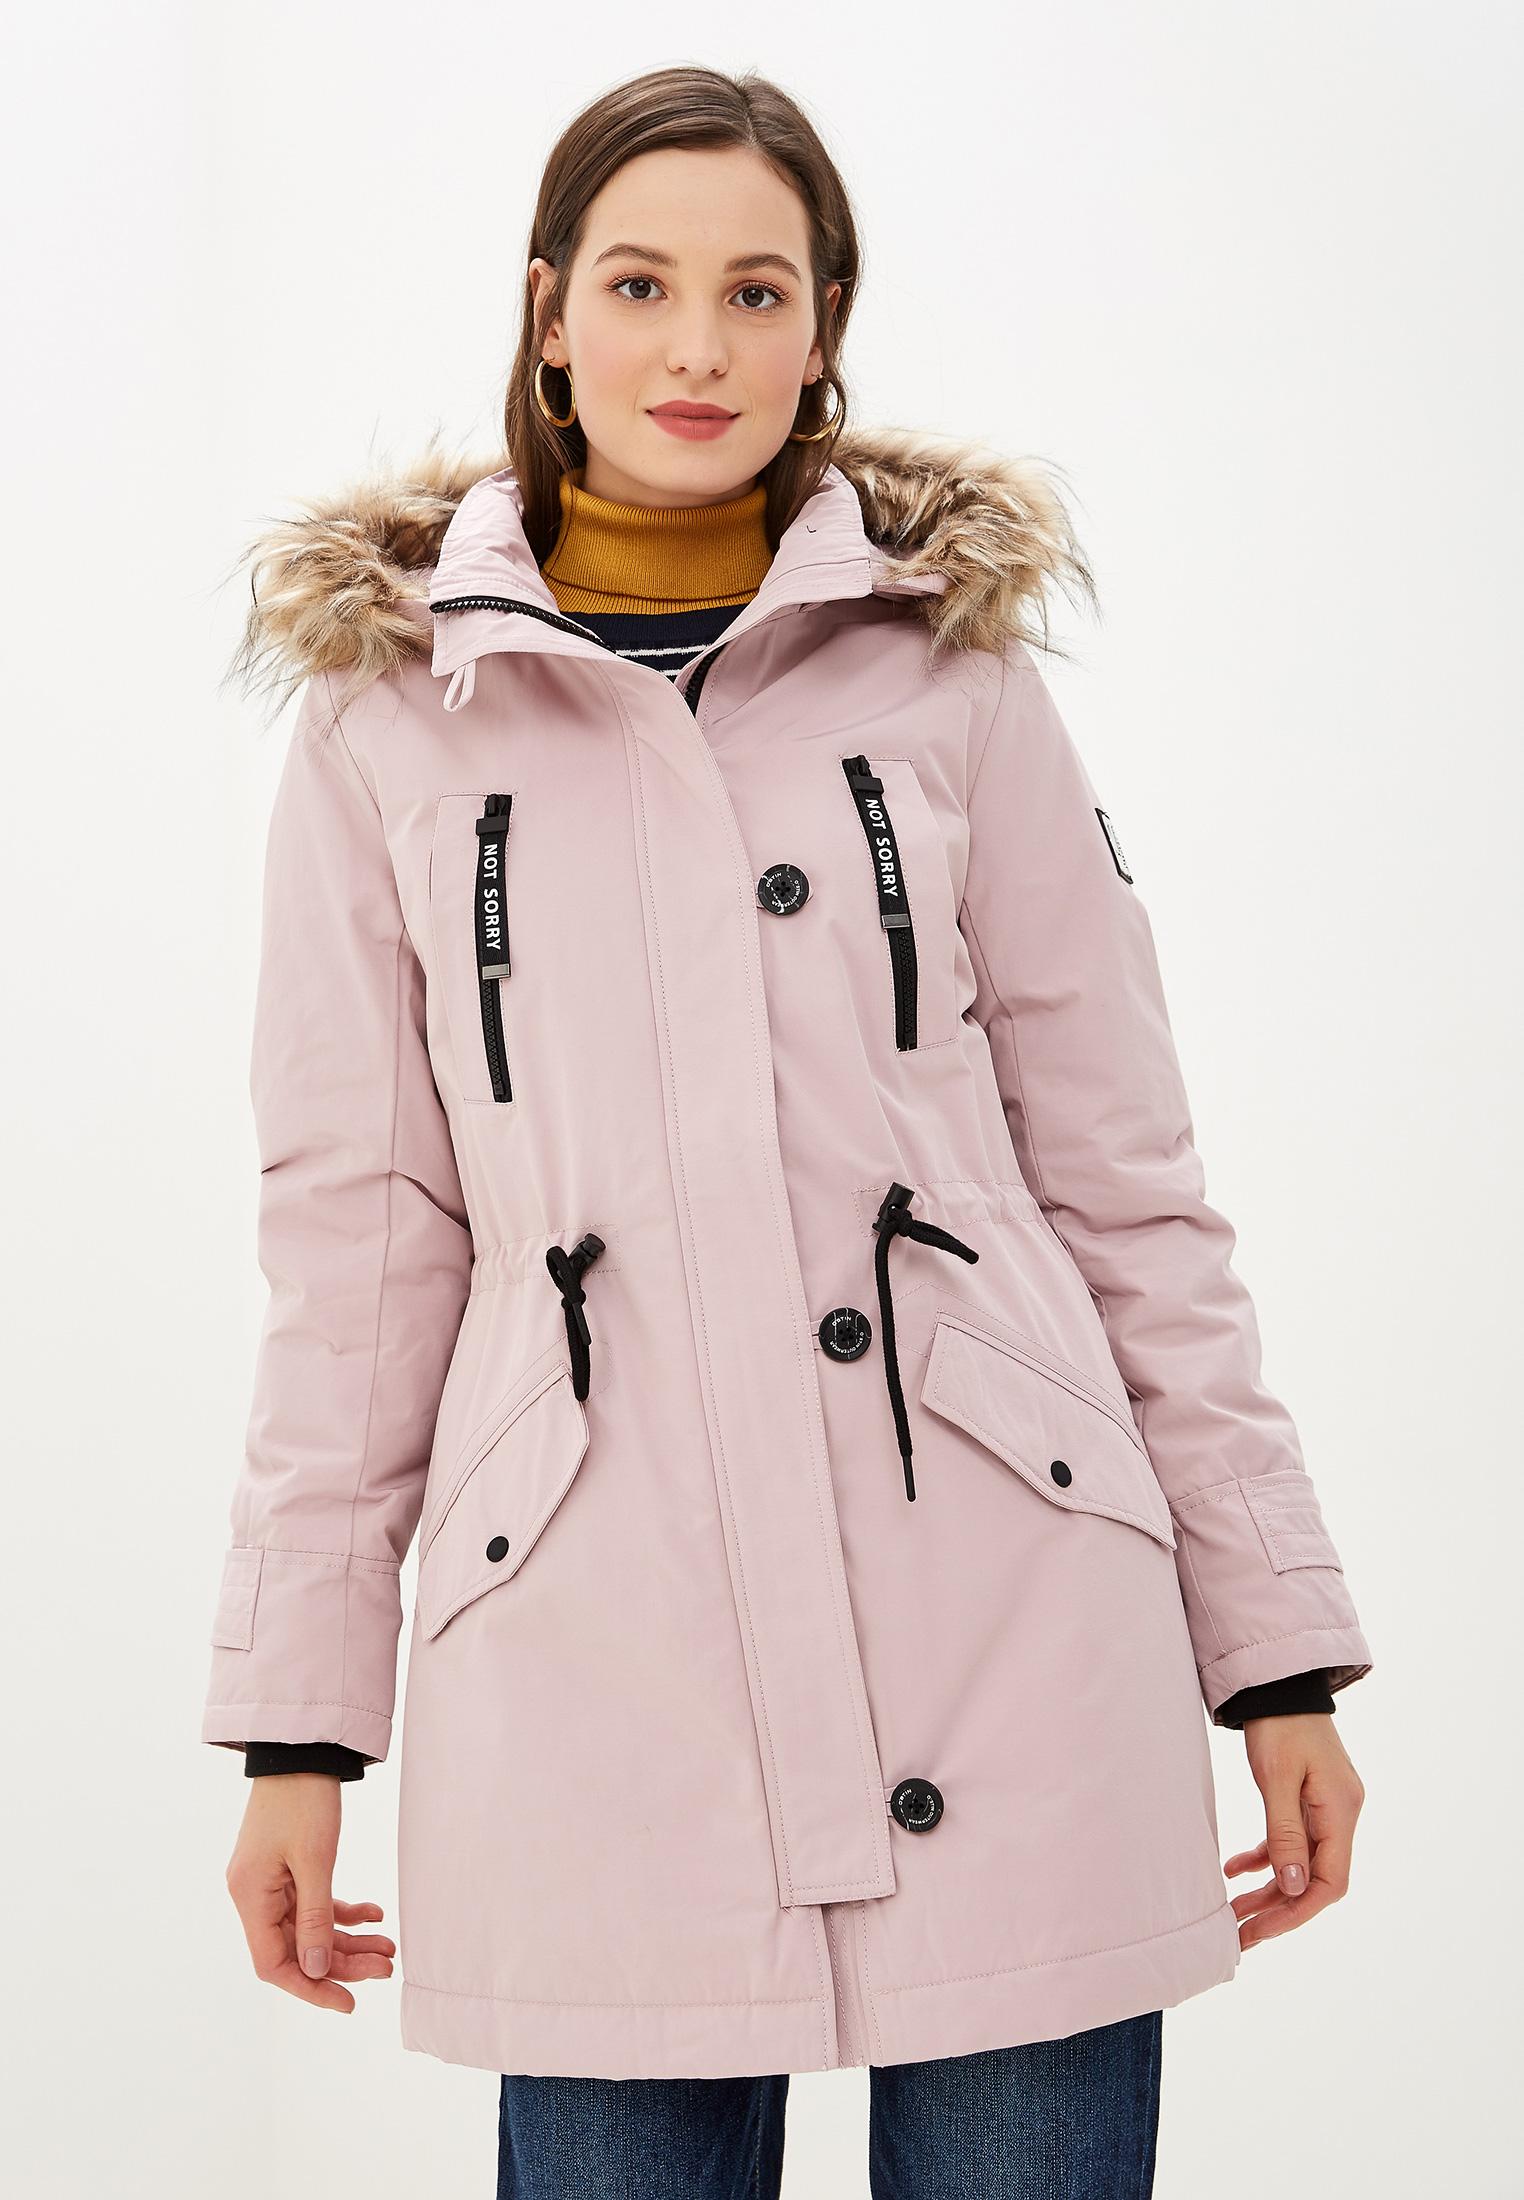 Парка, O'stin, цвет: розовый. Артикул: OS004EWGGSX5. Одежда / Верхняя одежда / Парки